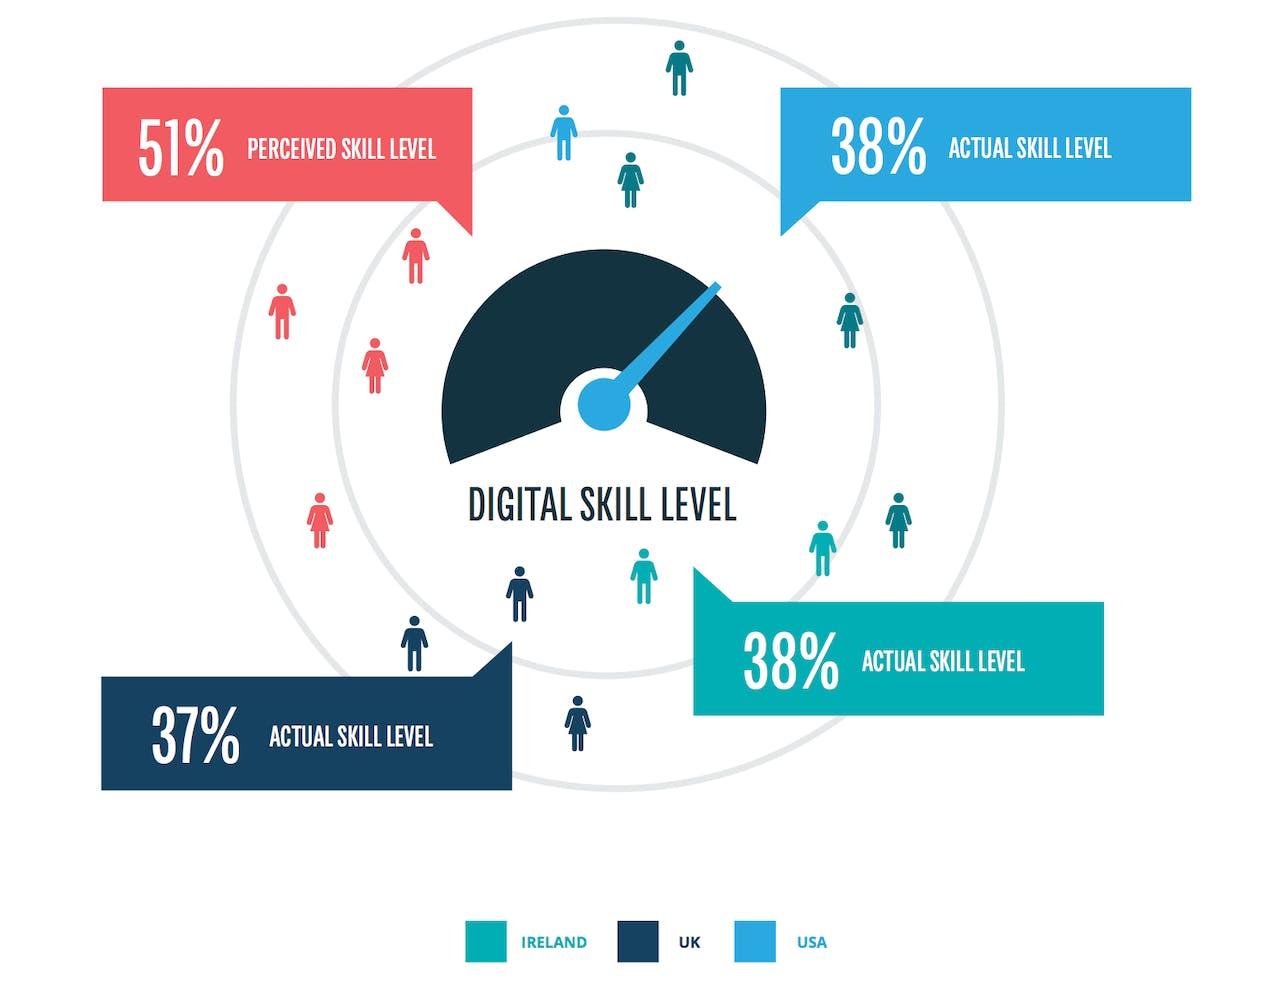 شکاف مهارت های دیجیتال در انگلستان ، ایالات متحده و ایرلند